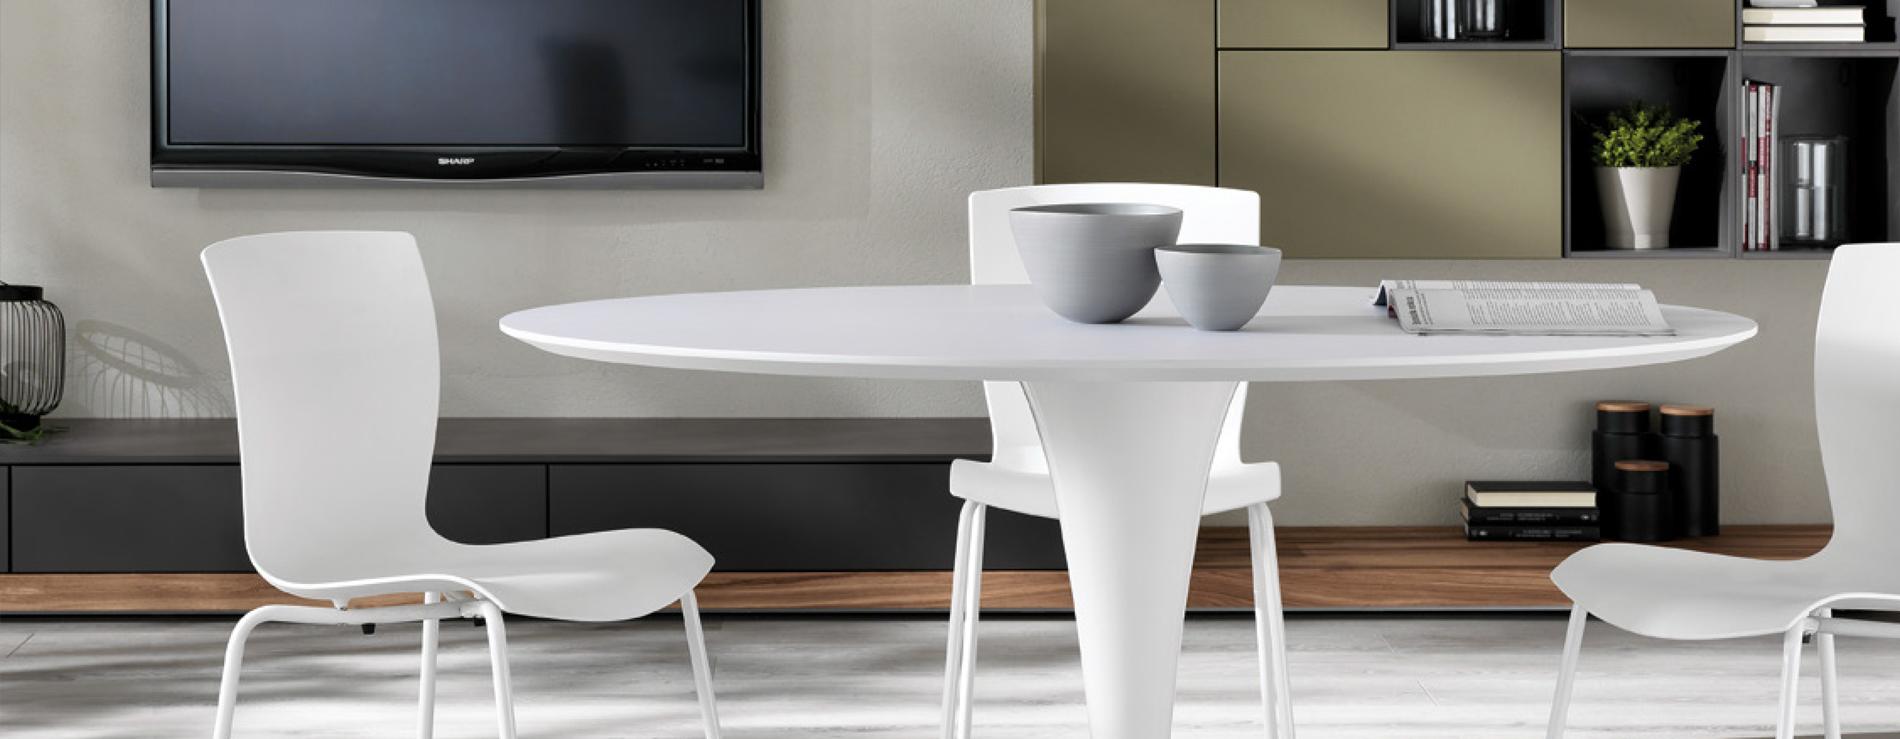 nomo tavolo rotondo scavolini centro mobili